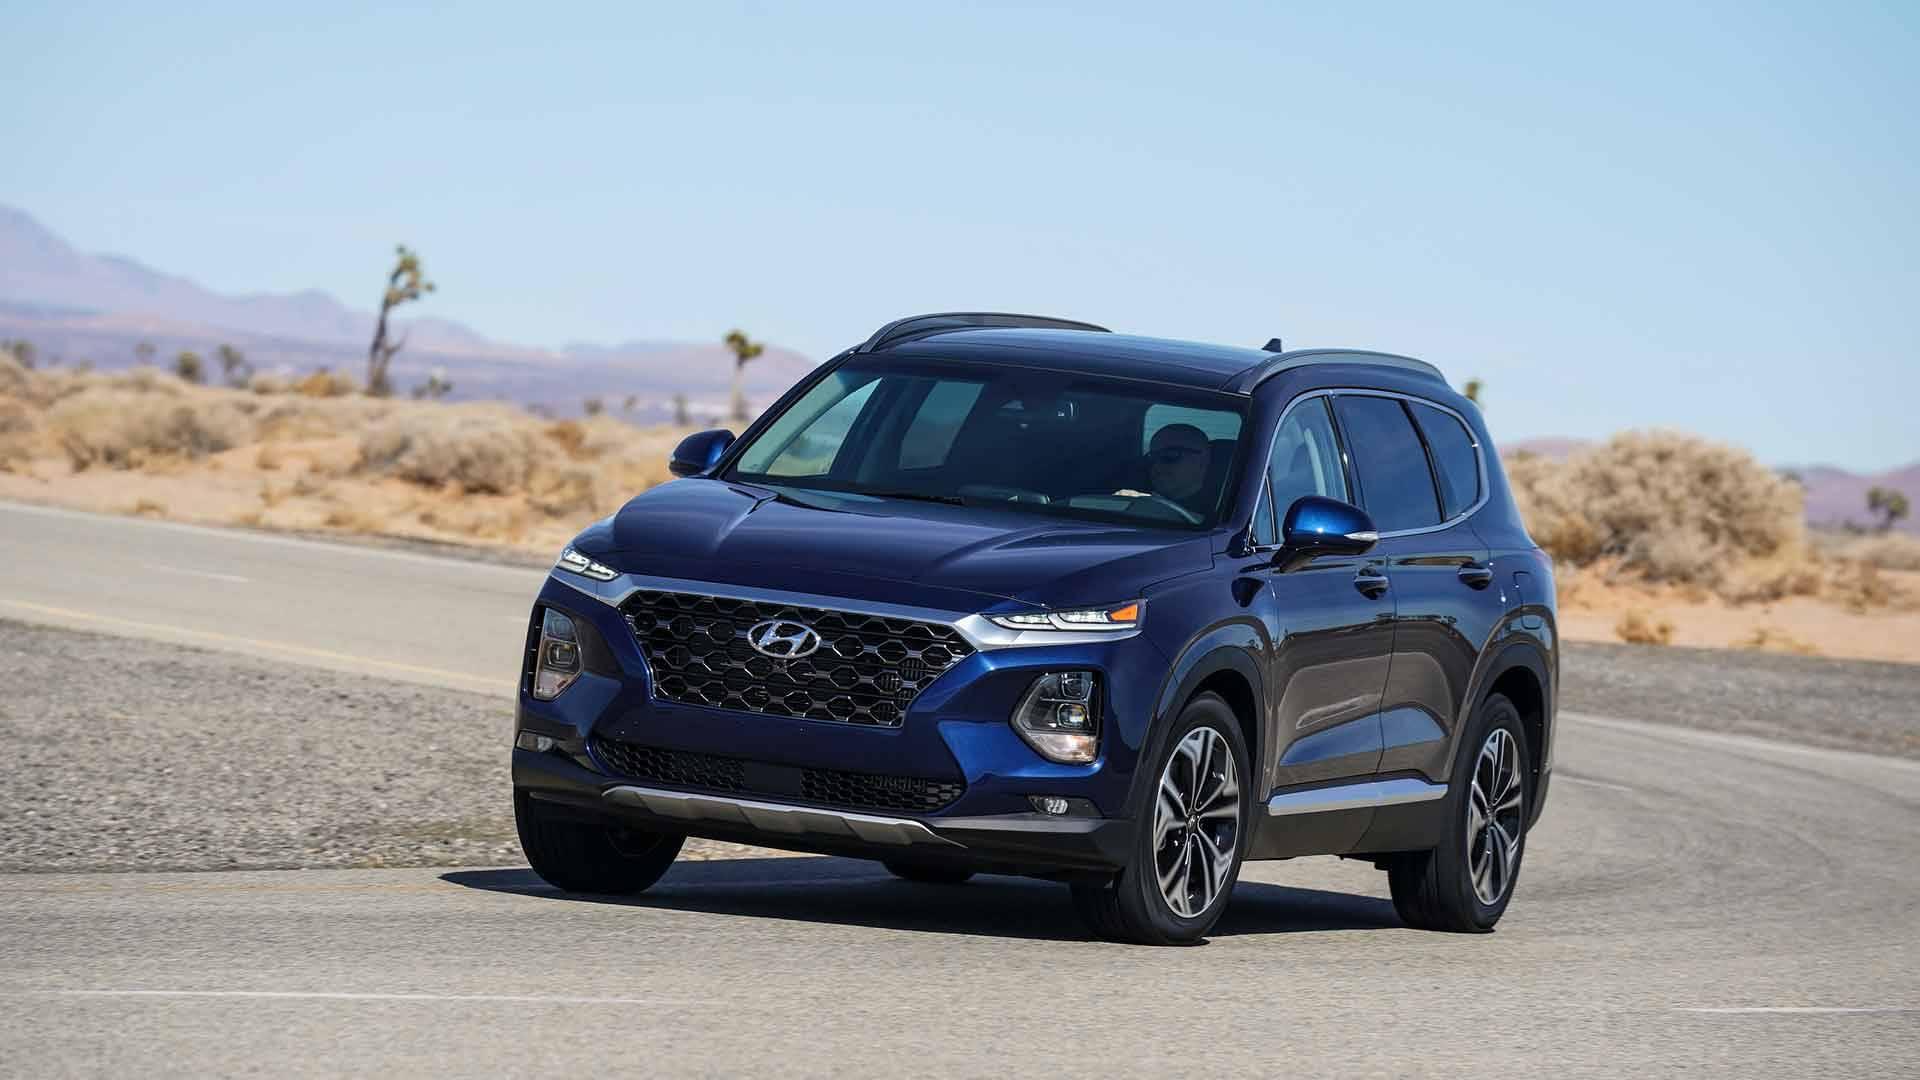 2019 Hyundai Santa Fe Starts At 25 500 550 More Than 2018my